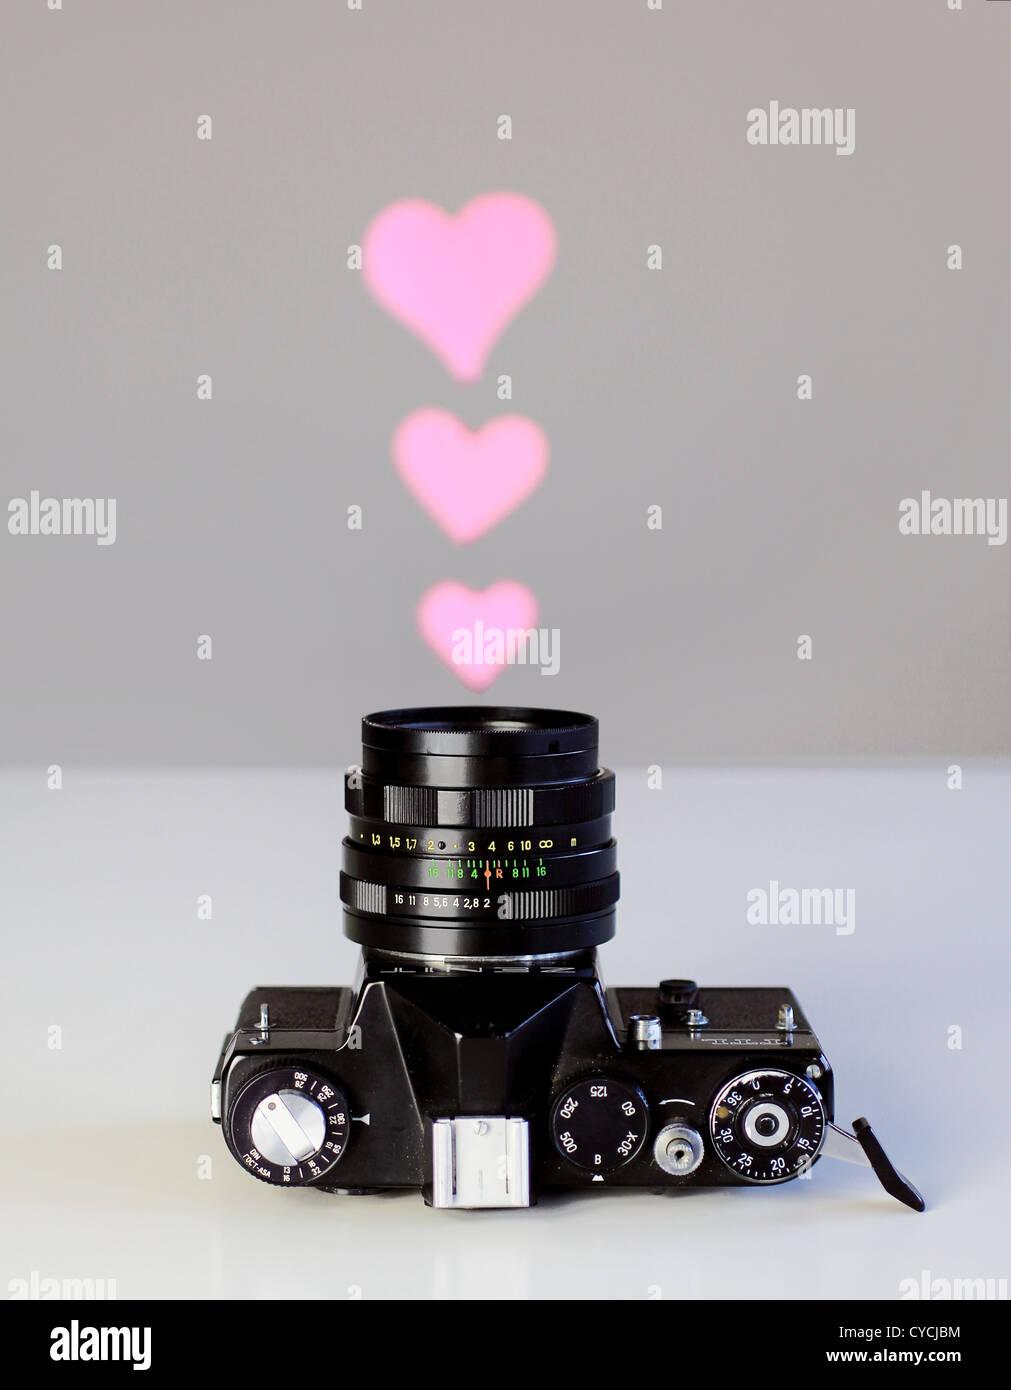 Fotocamera,fotografia,passione Immagini Stock